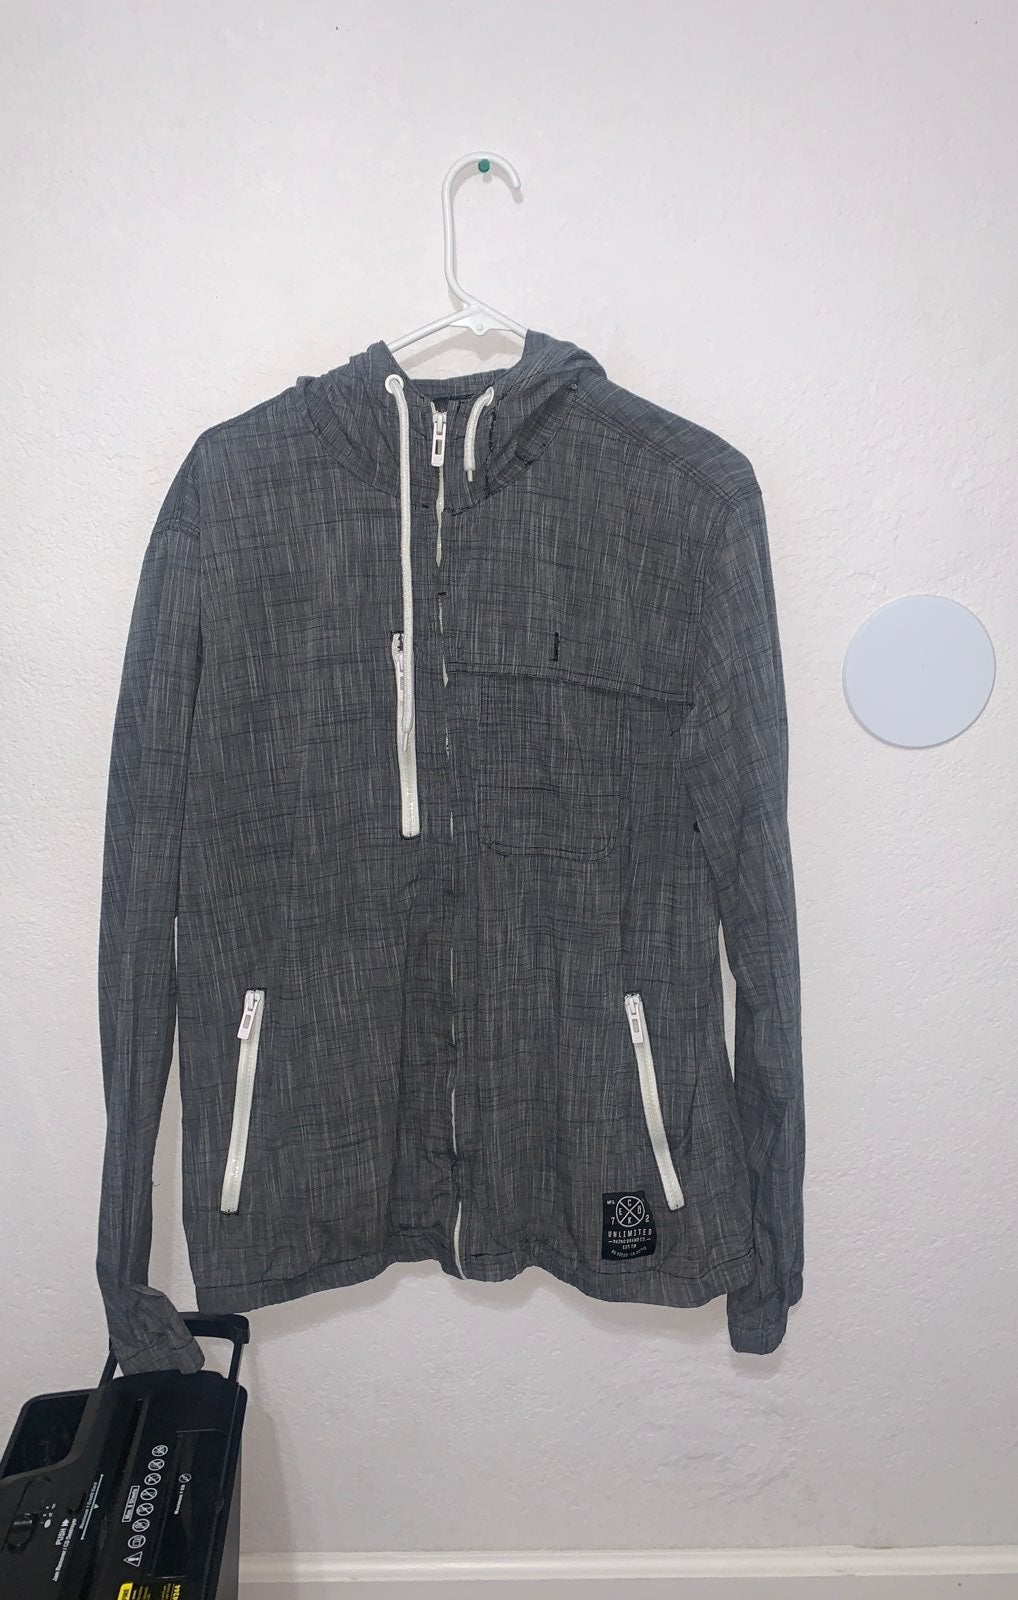 Ecko Untld Zipper Jacket